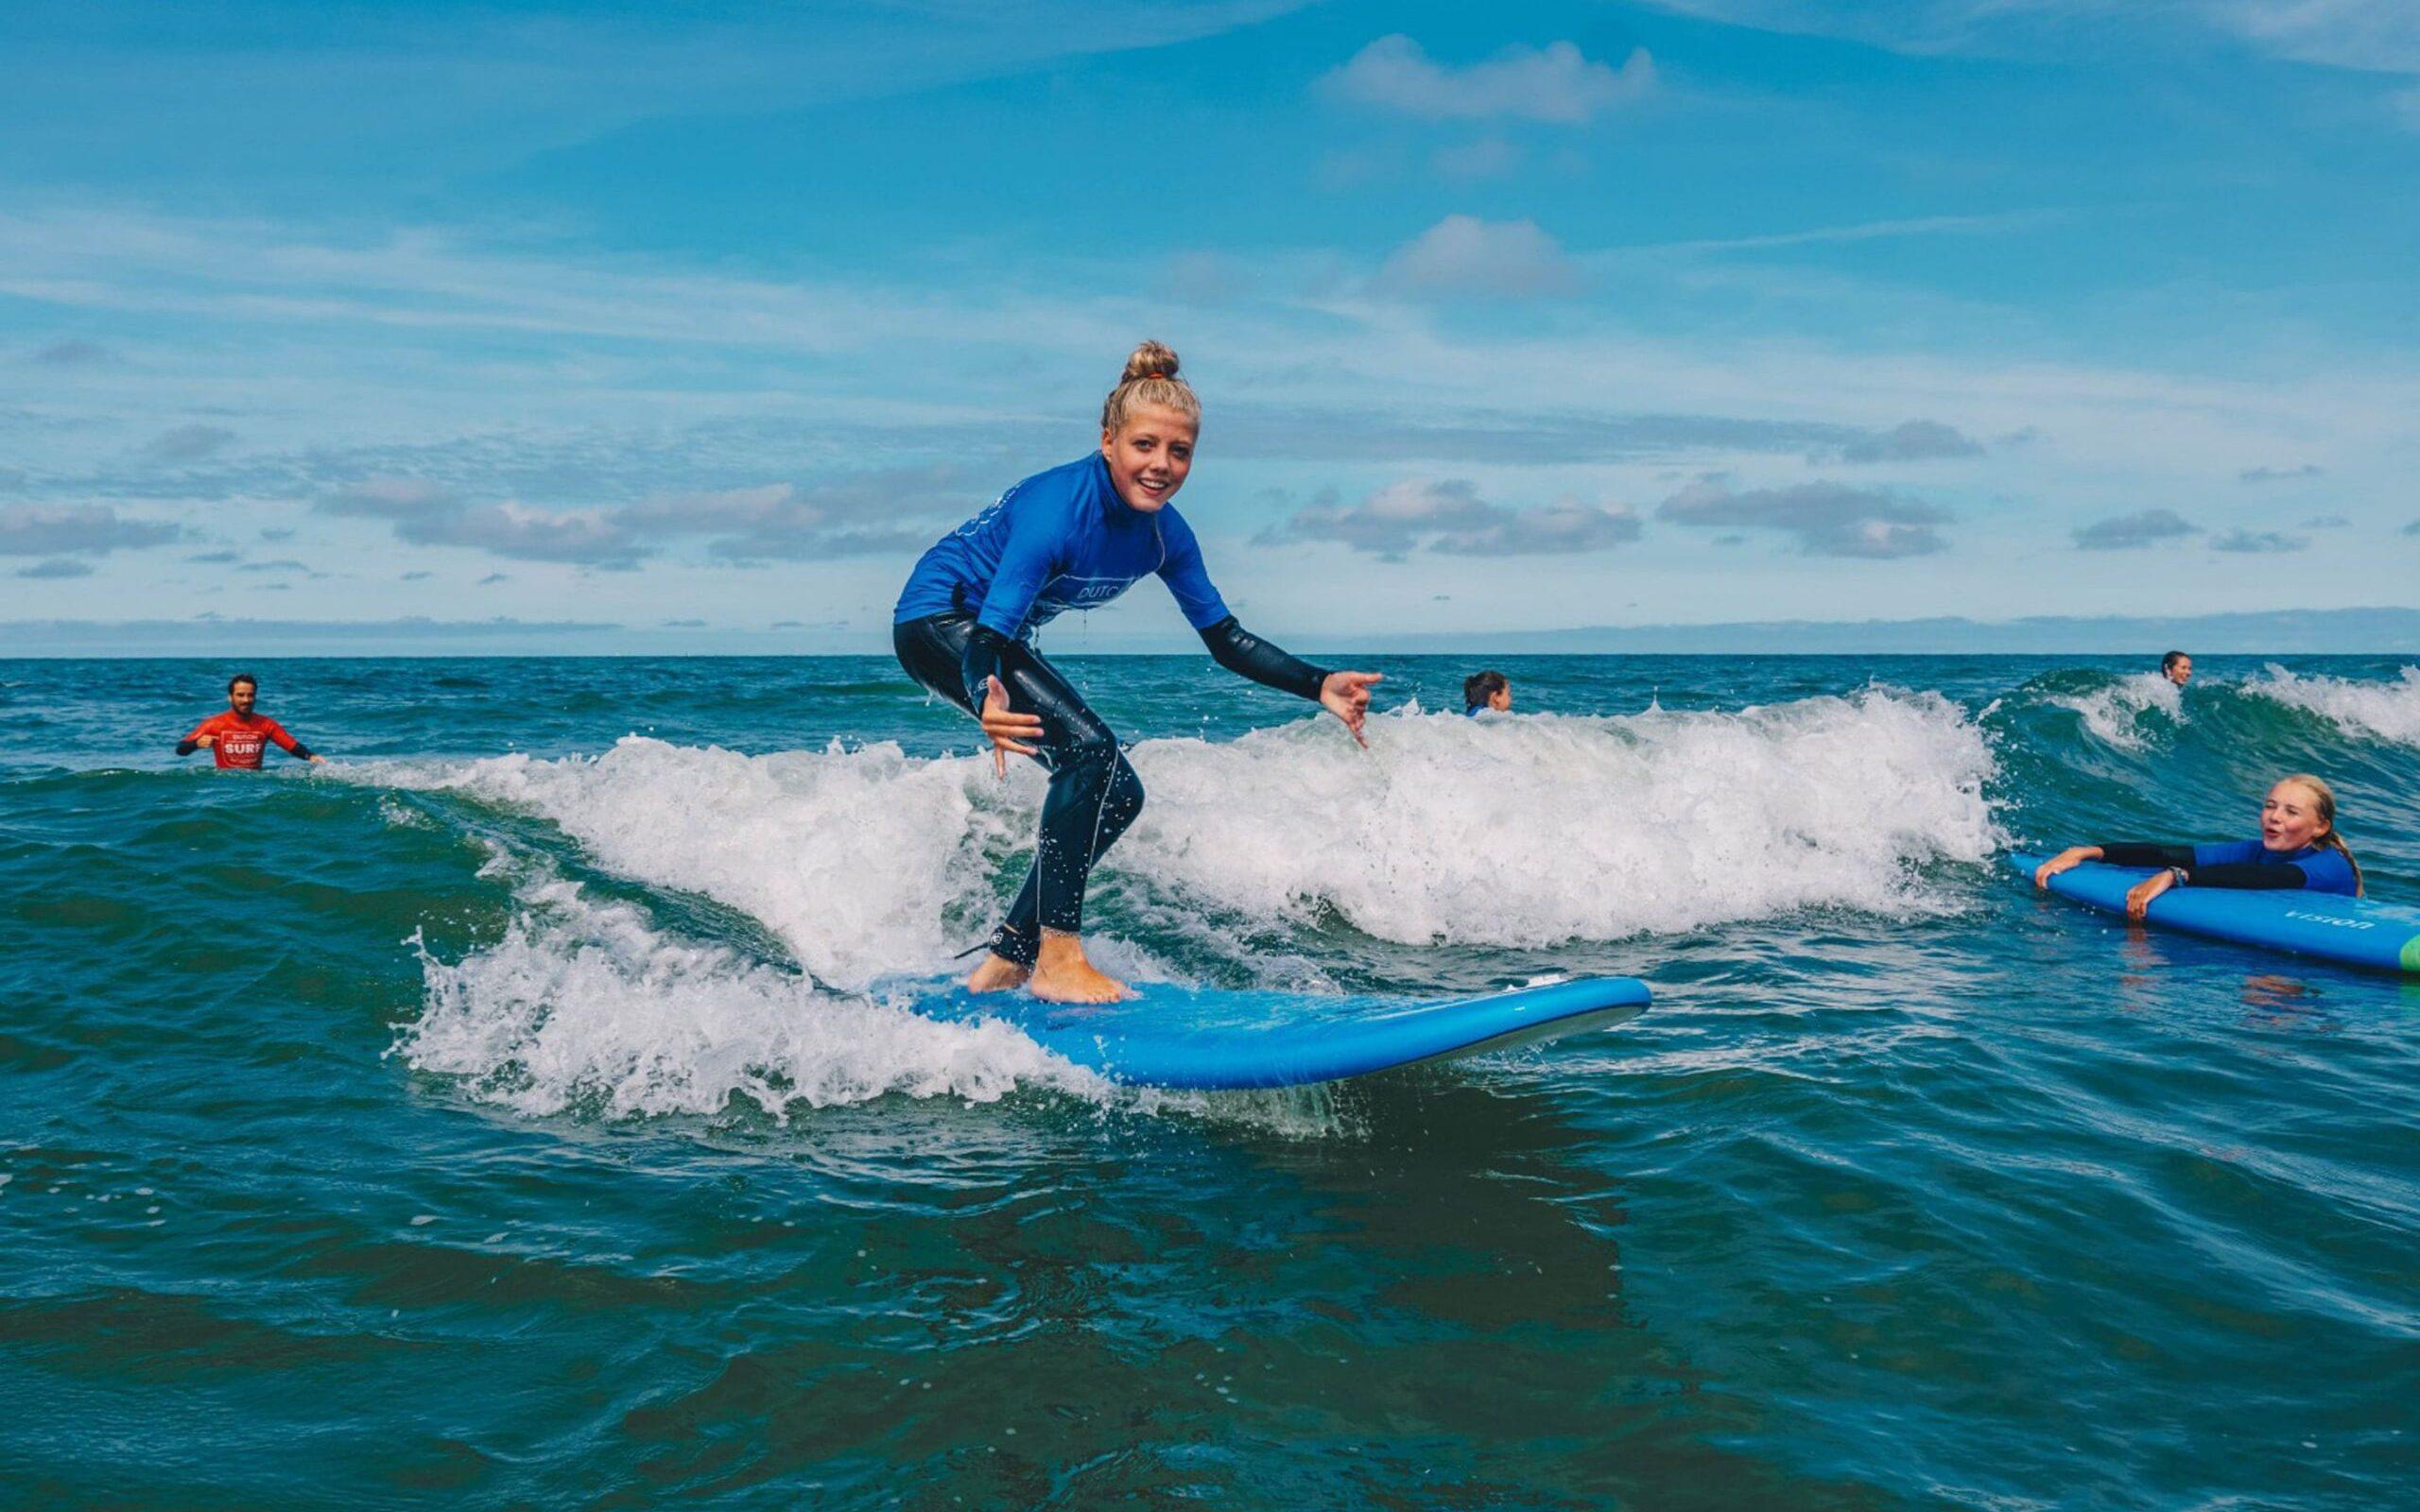 meisje surft tijdens surfkamp